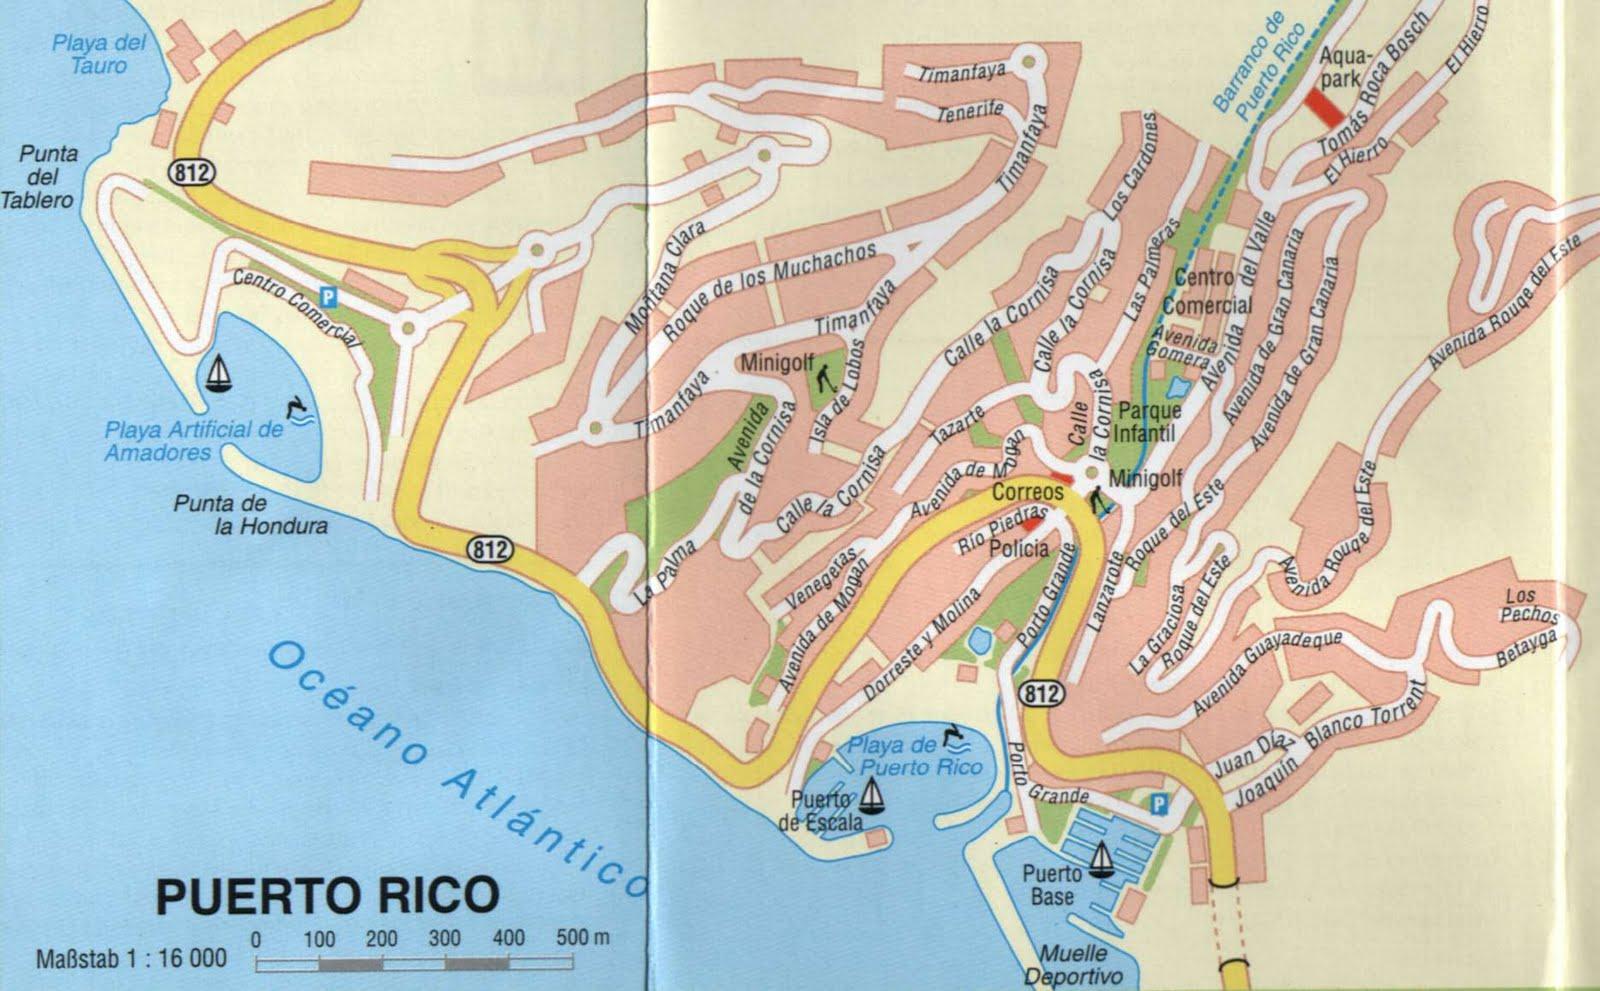 puerto rico kanarieöarna karta City maps. Stadskartor och turistkartor   Travel Portal puerto rico kanarieöarna karta